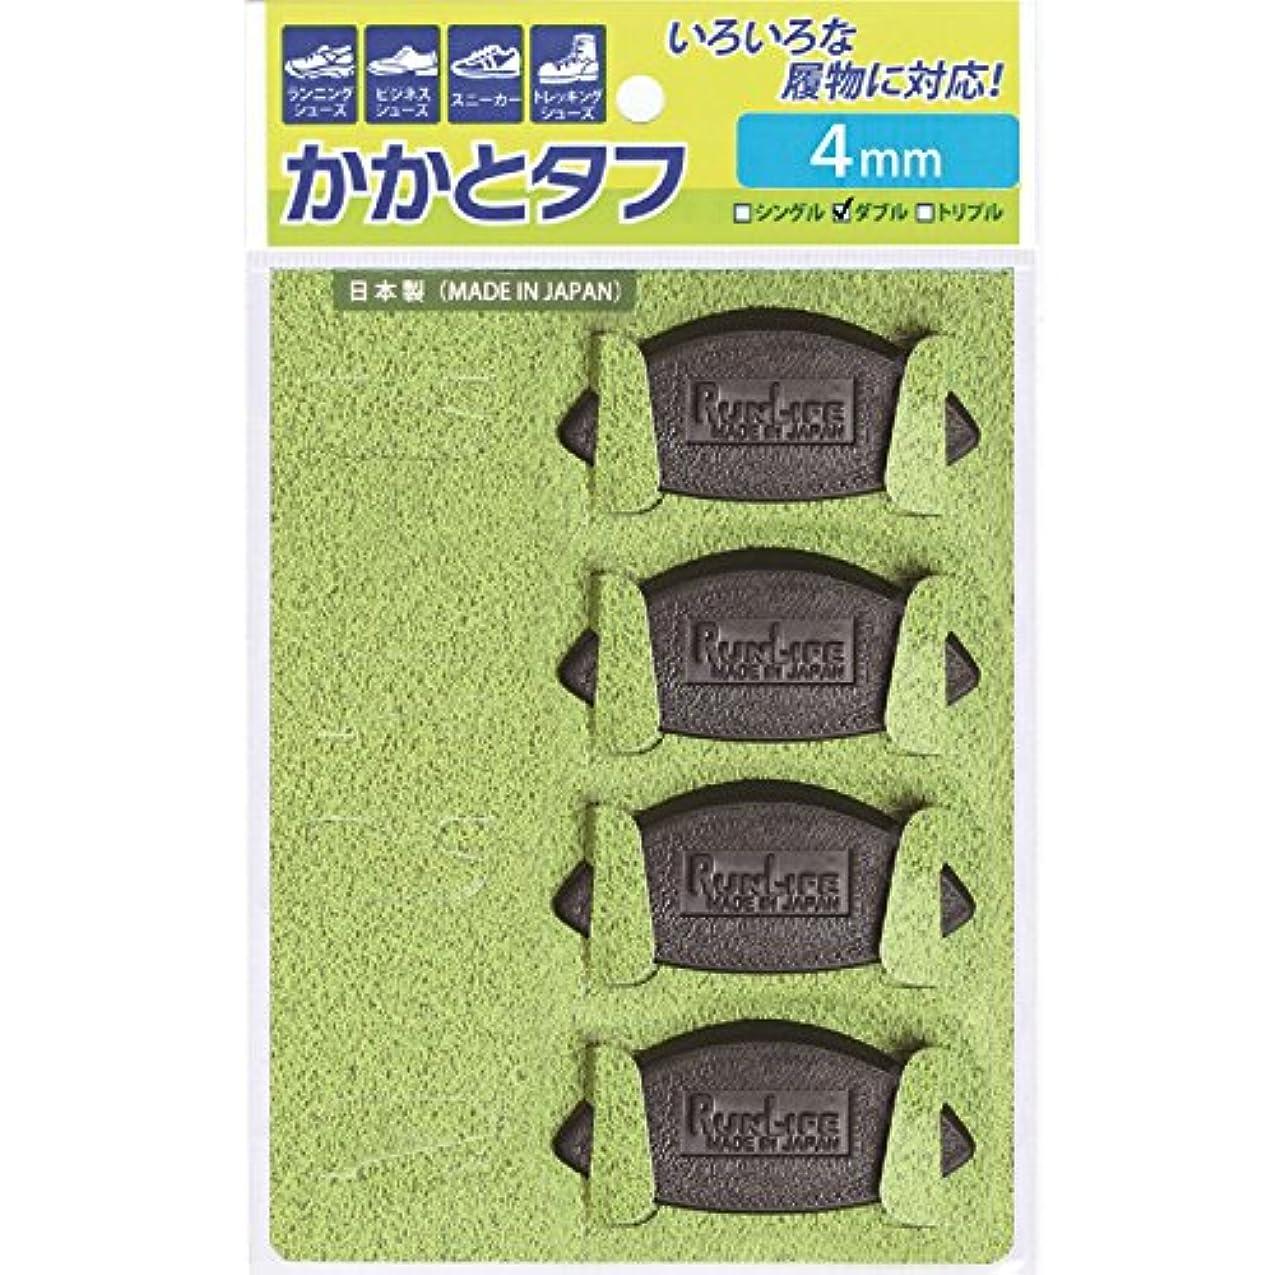 用心するツーリスト配分RunLife(ランライフ) 靴修理 シューズ補修材『 かかとタフ 』 4mm ダブル SKT-4M×4